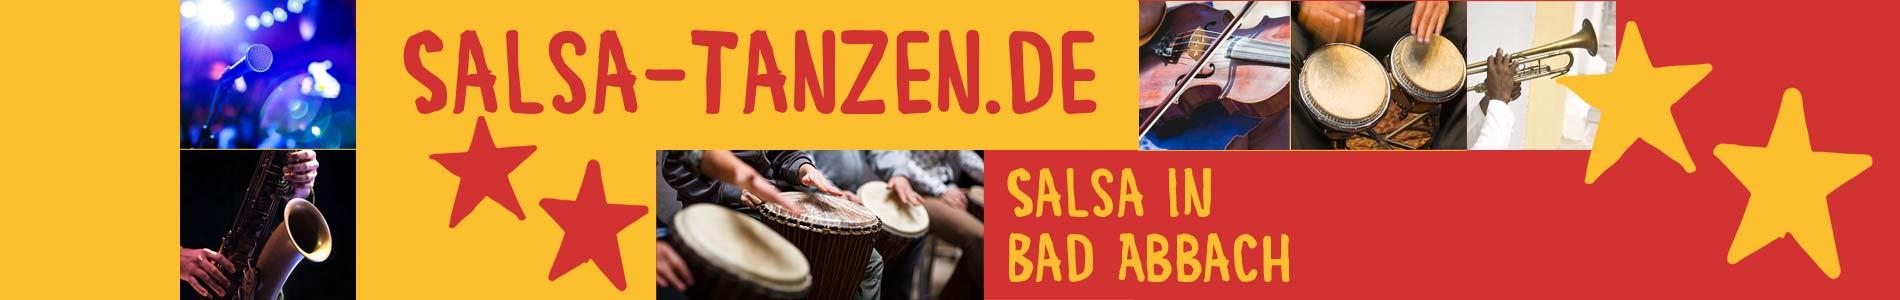 Salsa in Bad Abbach – Salsa lernen und tanzen, Tanzkurse, Partys, Veranstaltungen